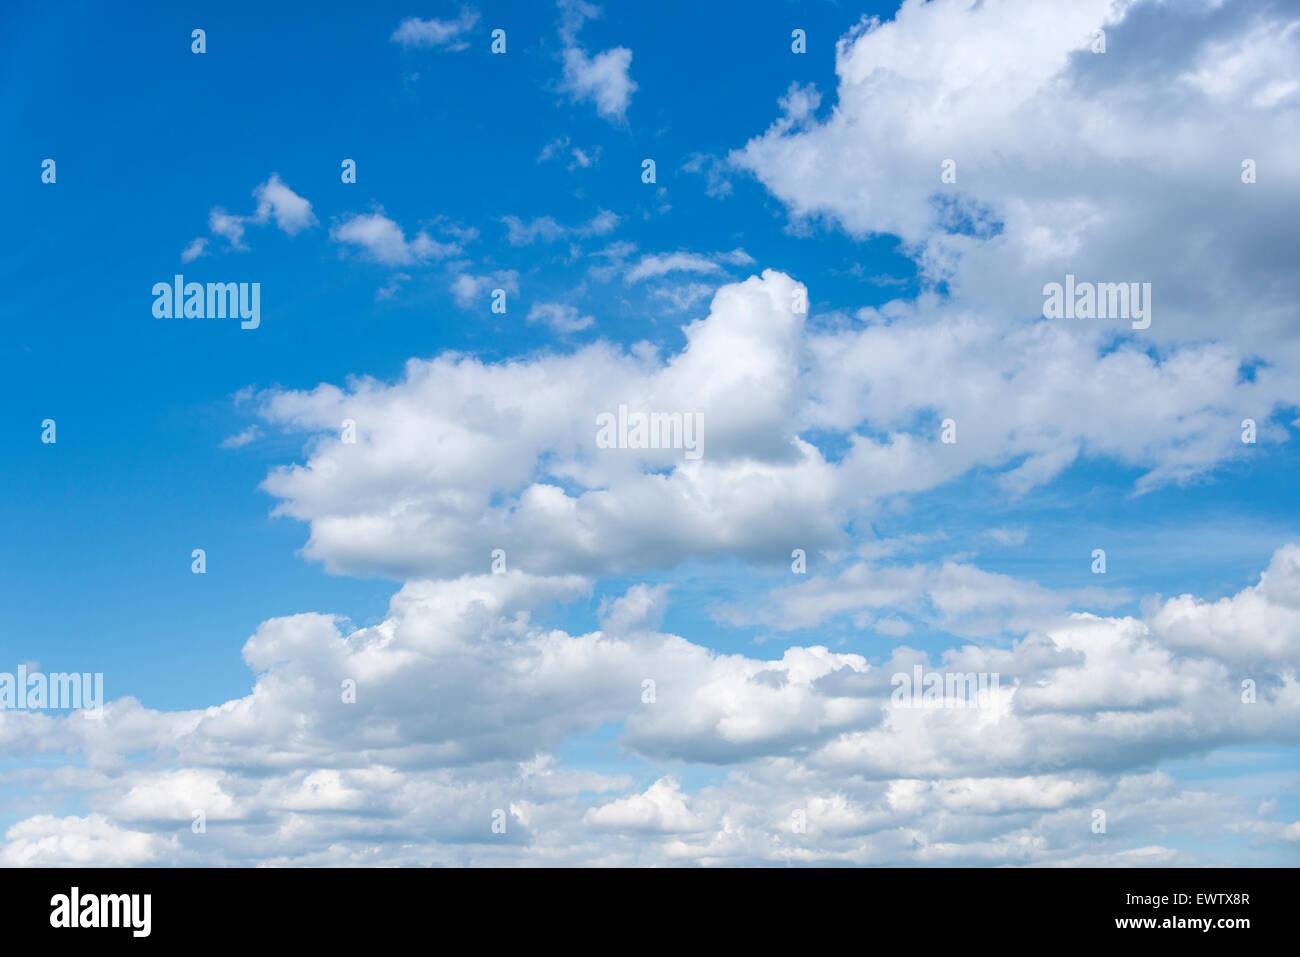 Weißen Cumulus-Wolken und blauer Himmel, Nordsee, Nordeuropa Stockbild